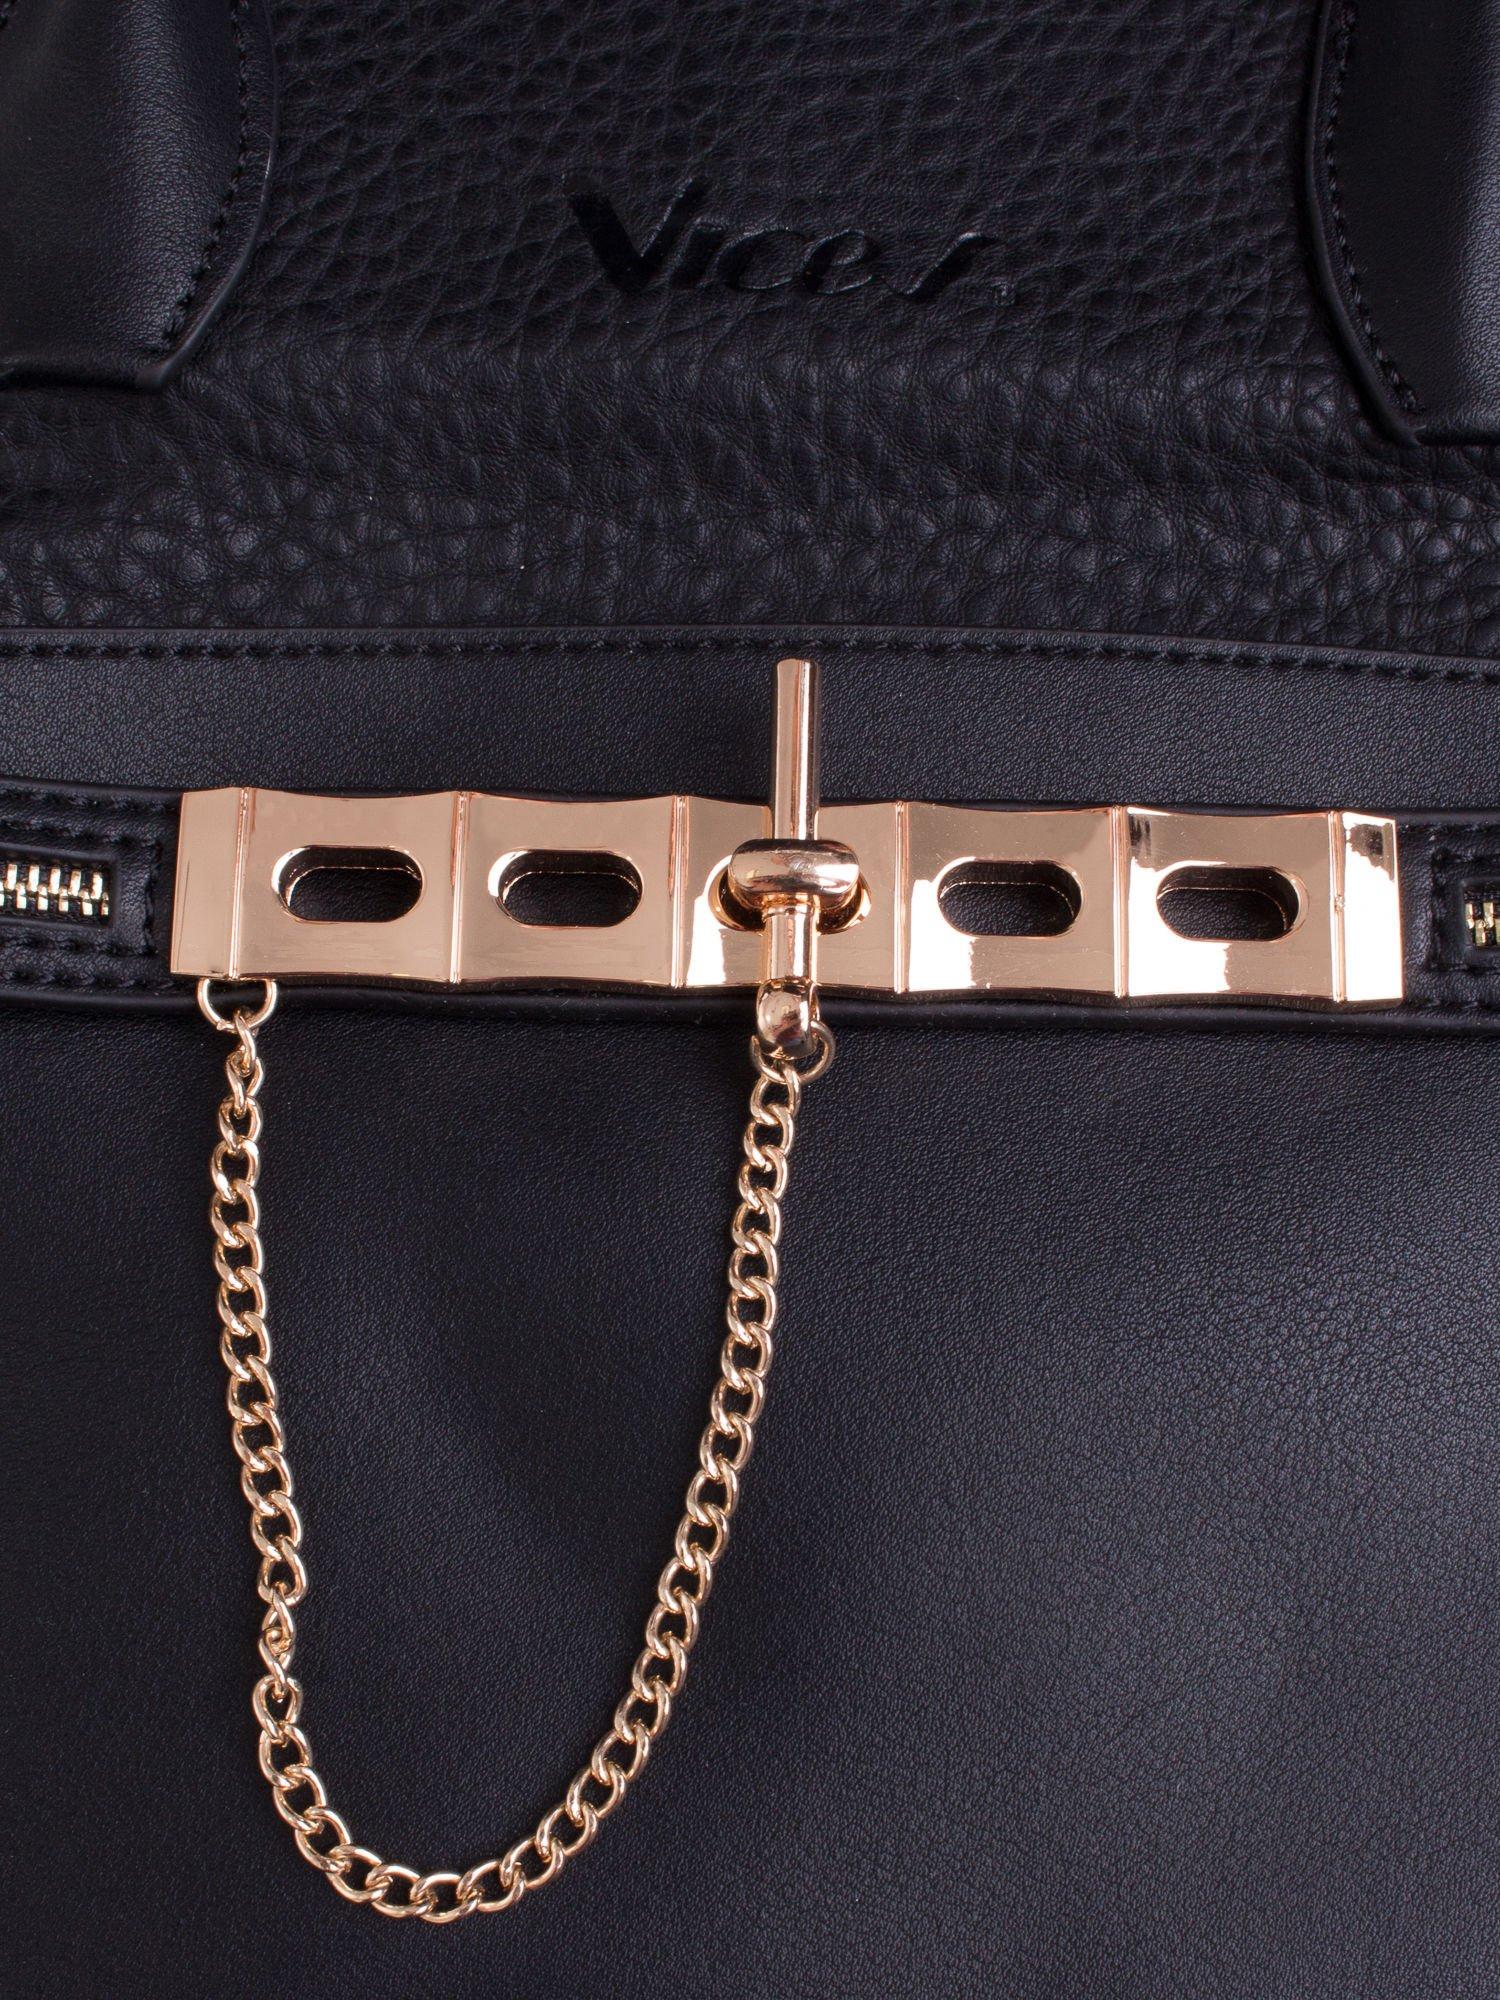 Czarna fakturowana torba miejska ze złotym łańcuszkiem                                  zdj.                                  5